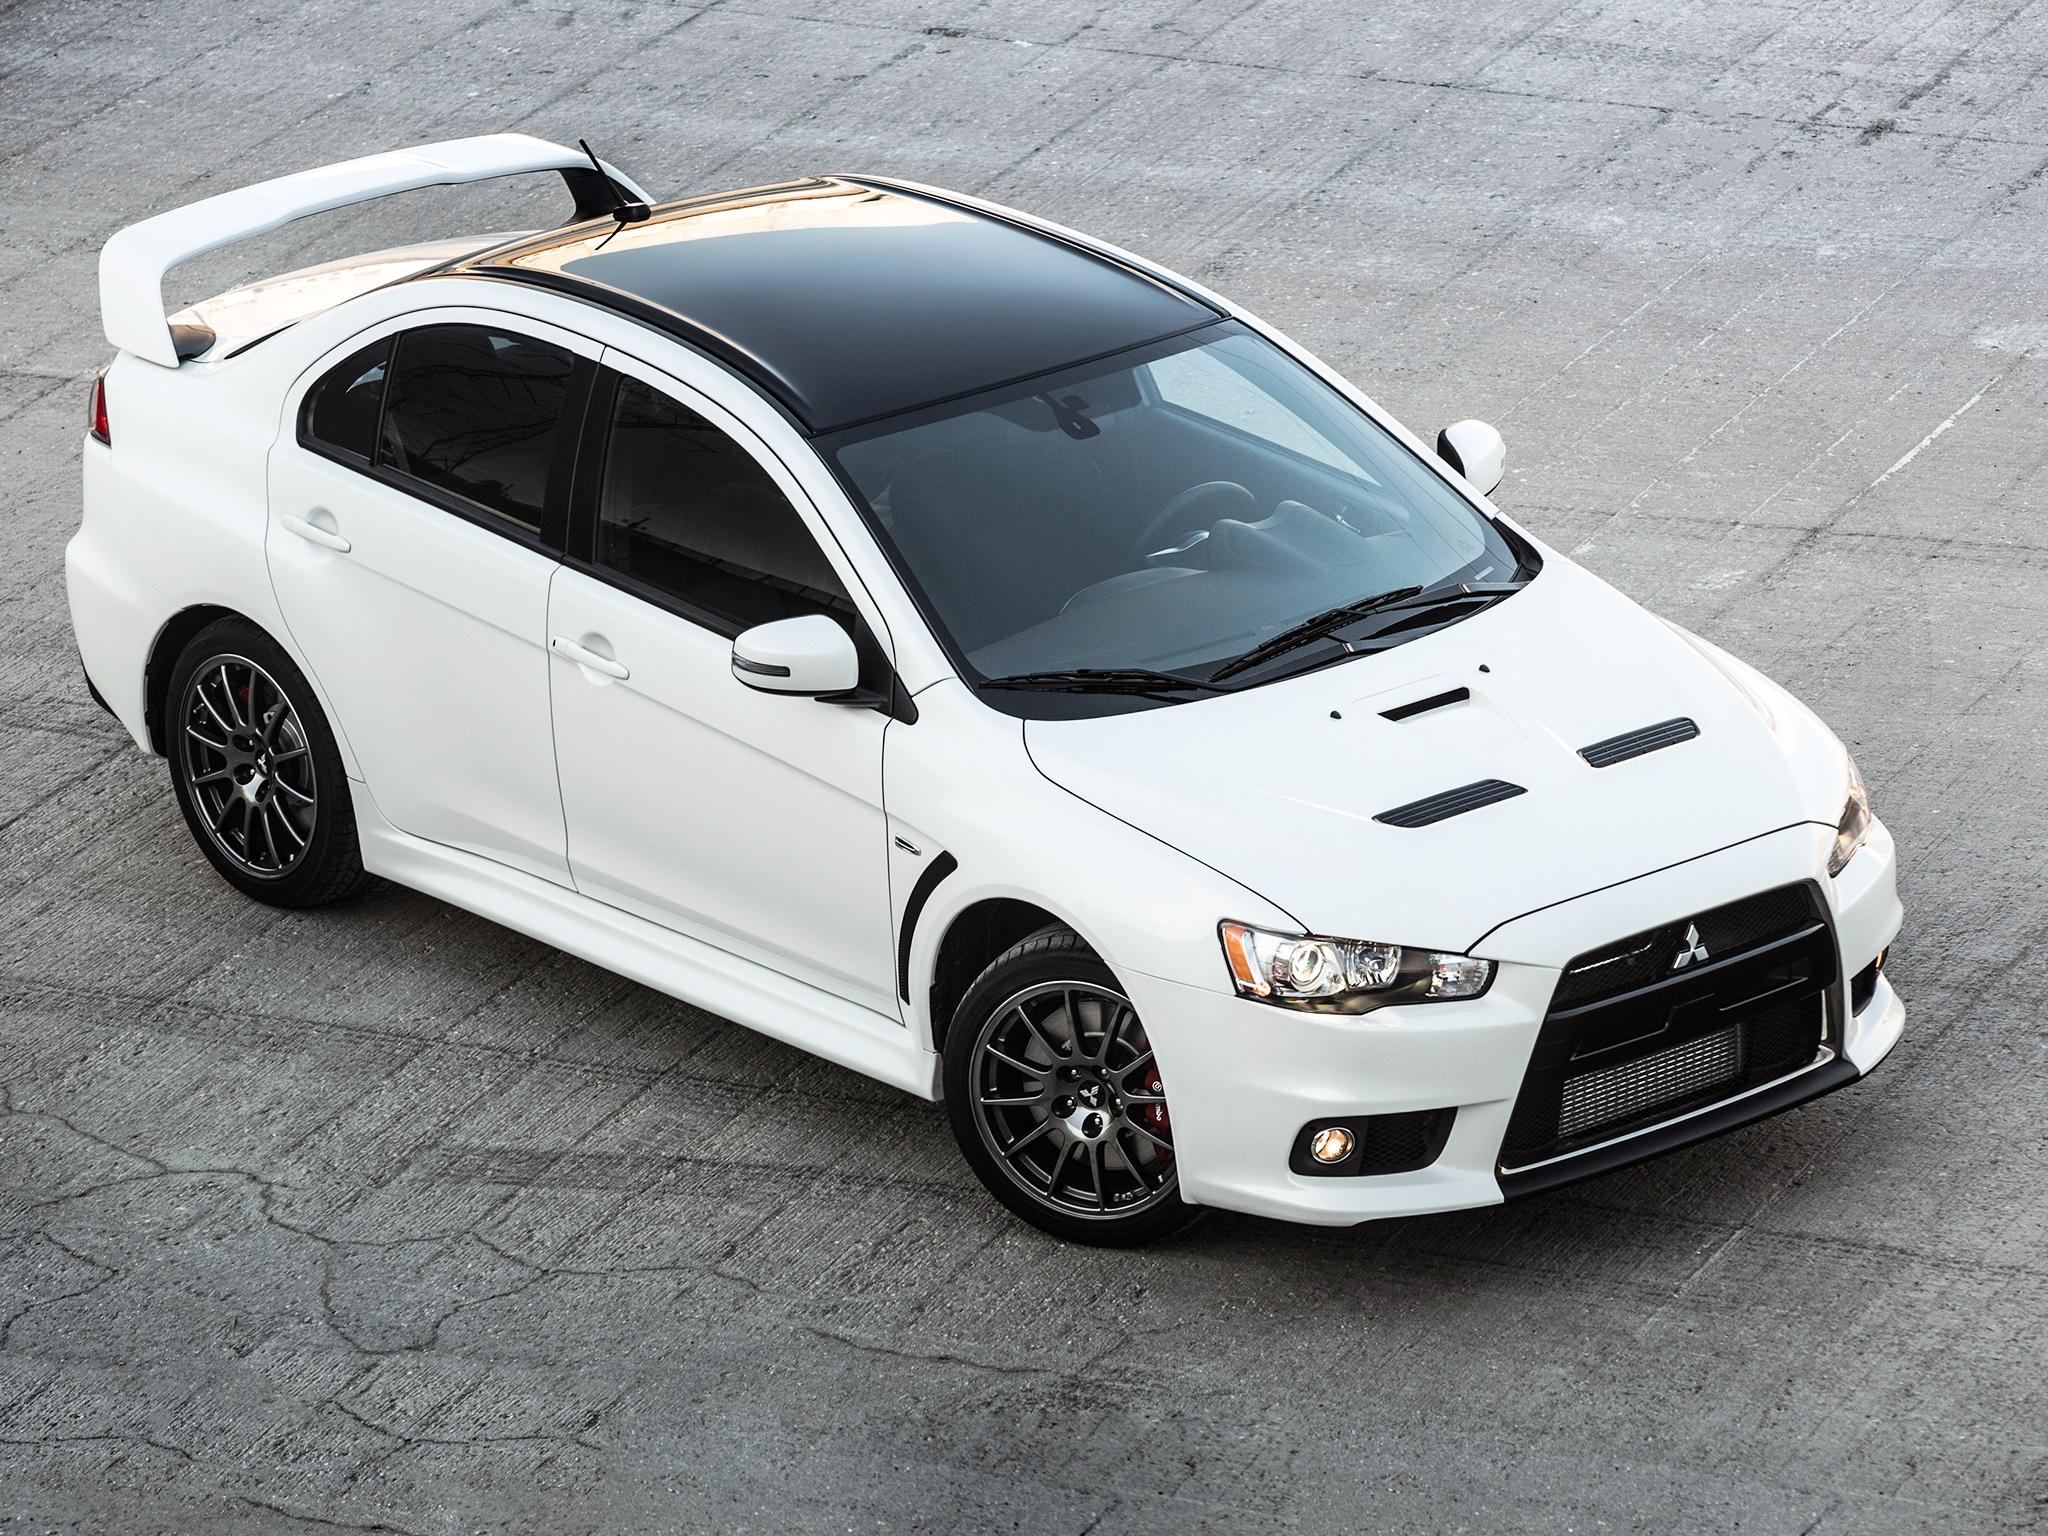 Mitsubishi lancer evolution x 2015